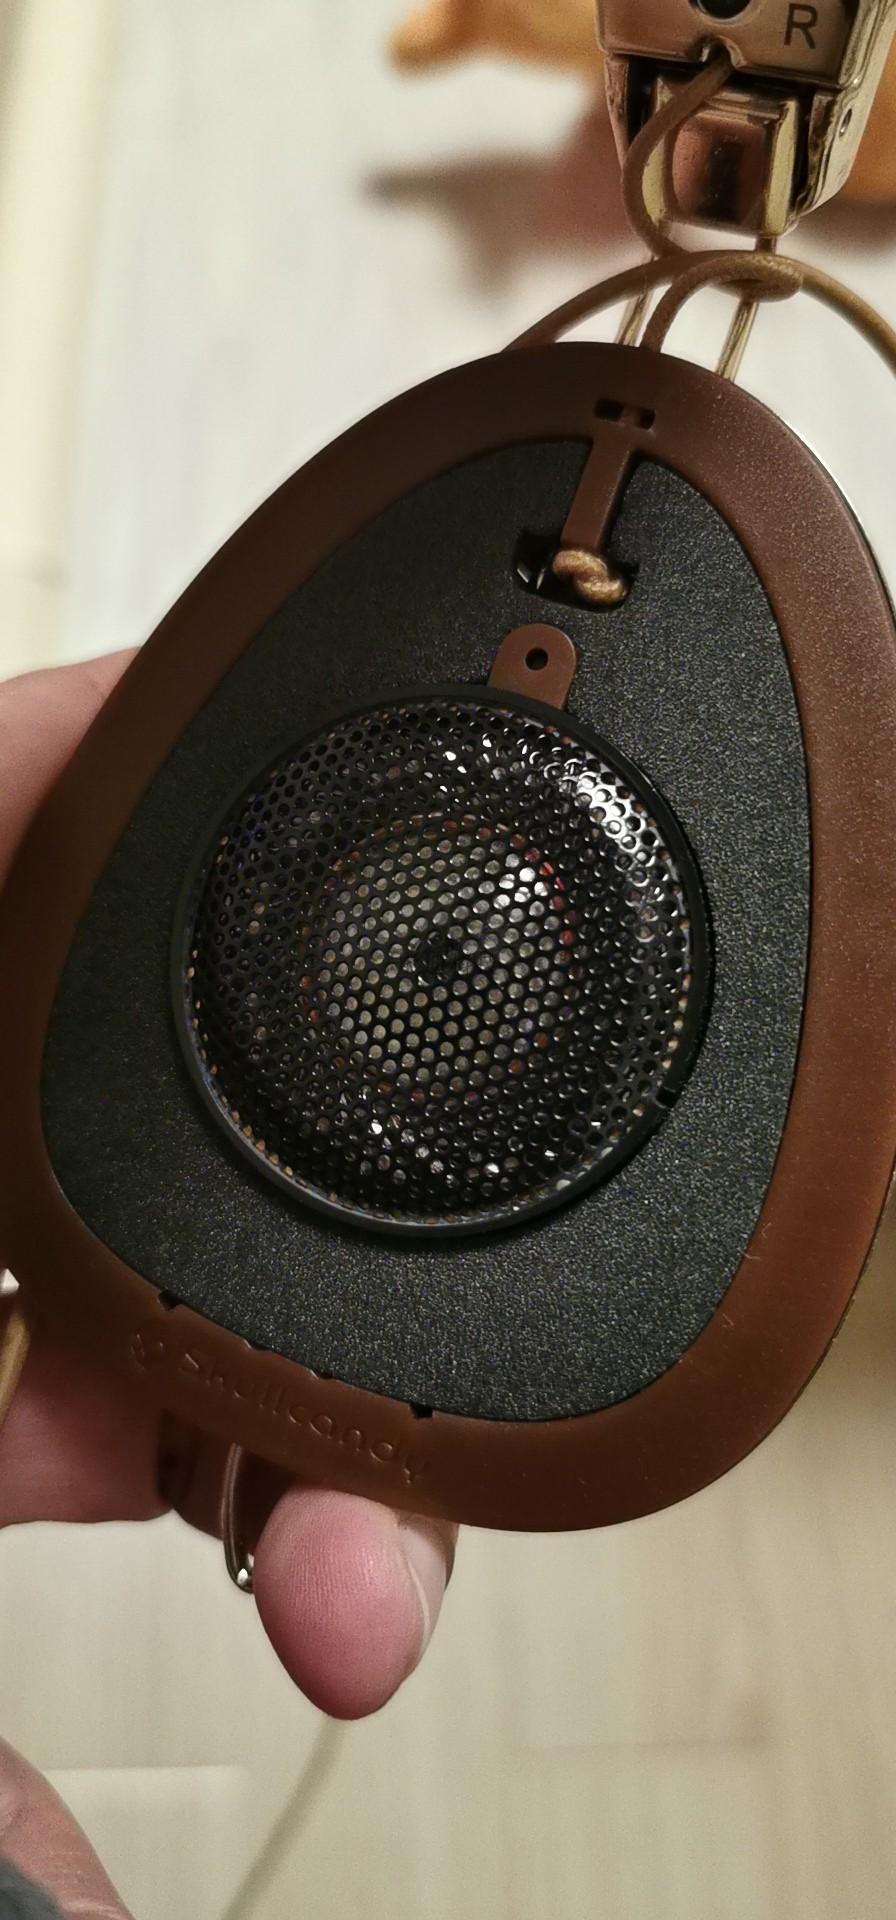 美国骷髅头耳机改装头盔蓝牙耳机内置有线摩托车头盔耳机外卖车手